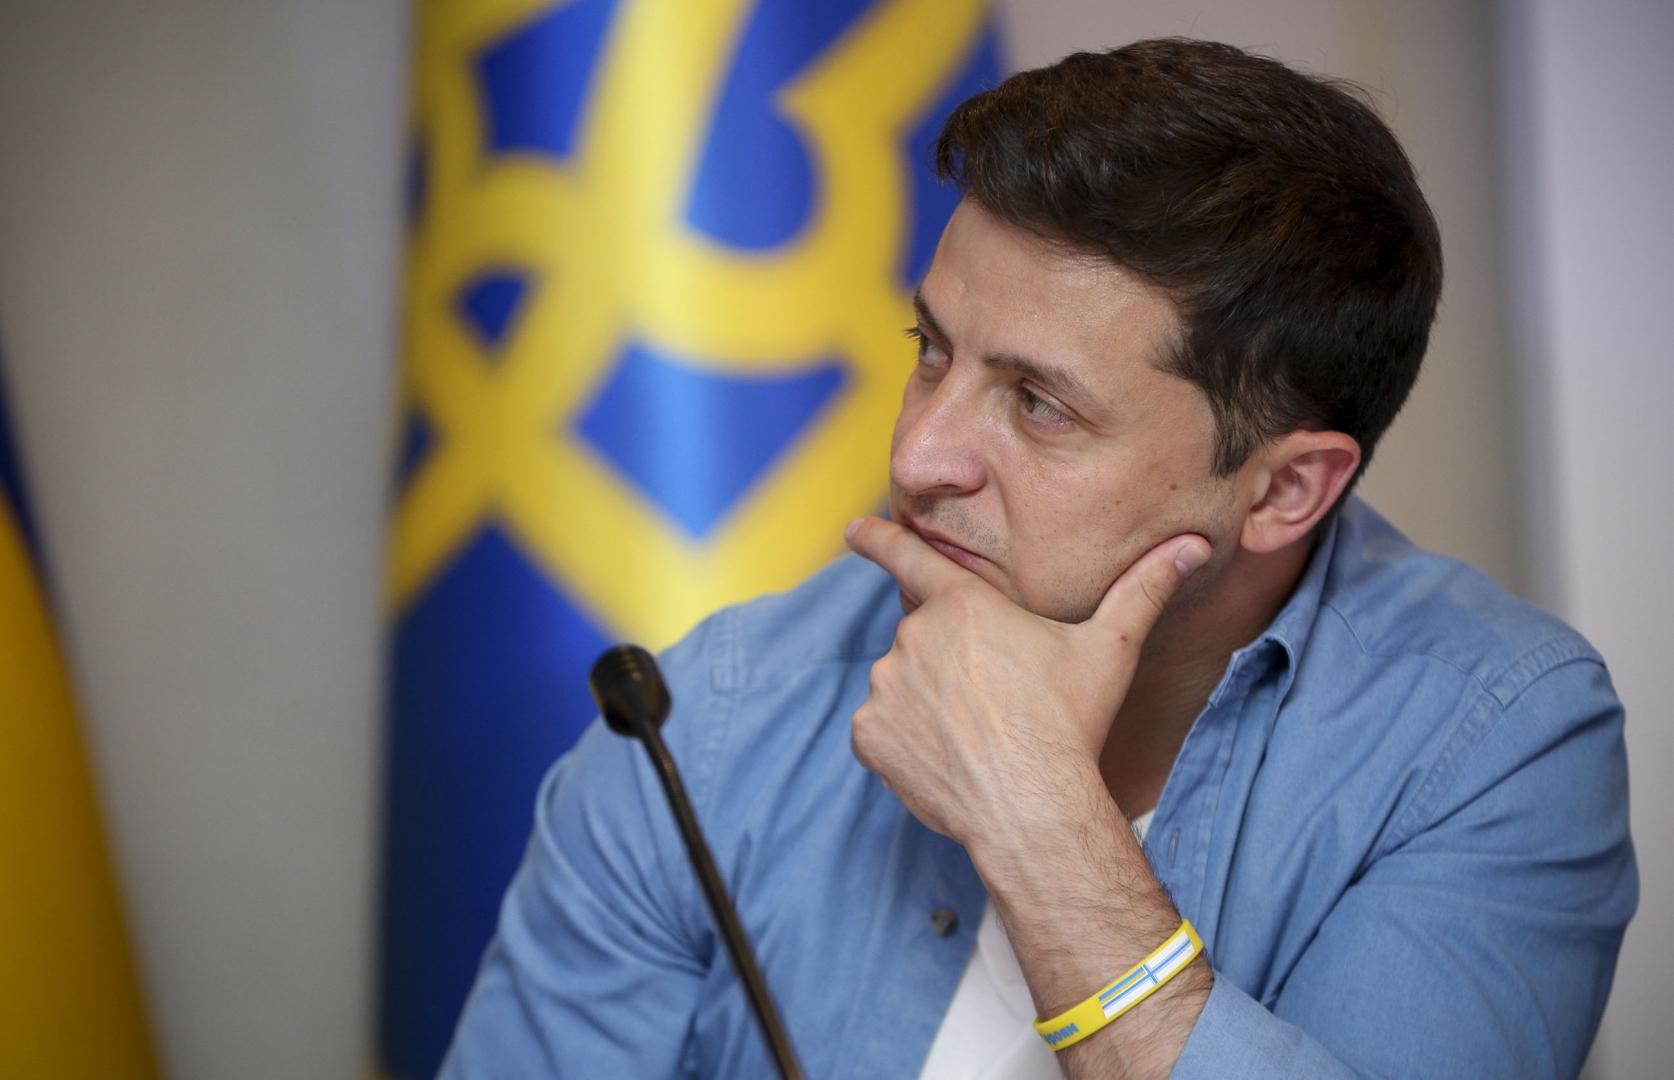 После обвала рейтинга Зеленского его избиратели на Востоке и в Центре уйдут к партии Медведчука, - Чаплыга